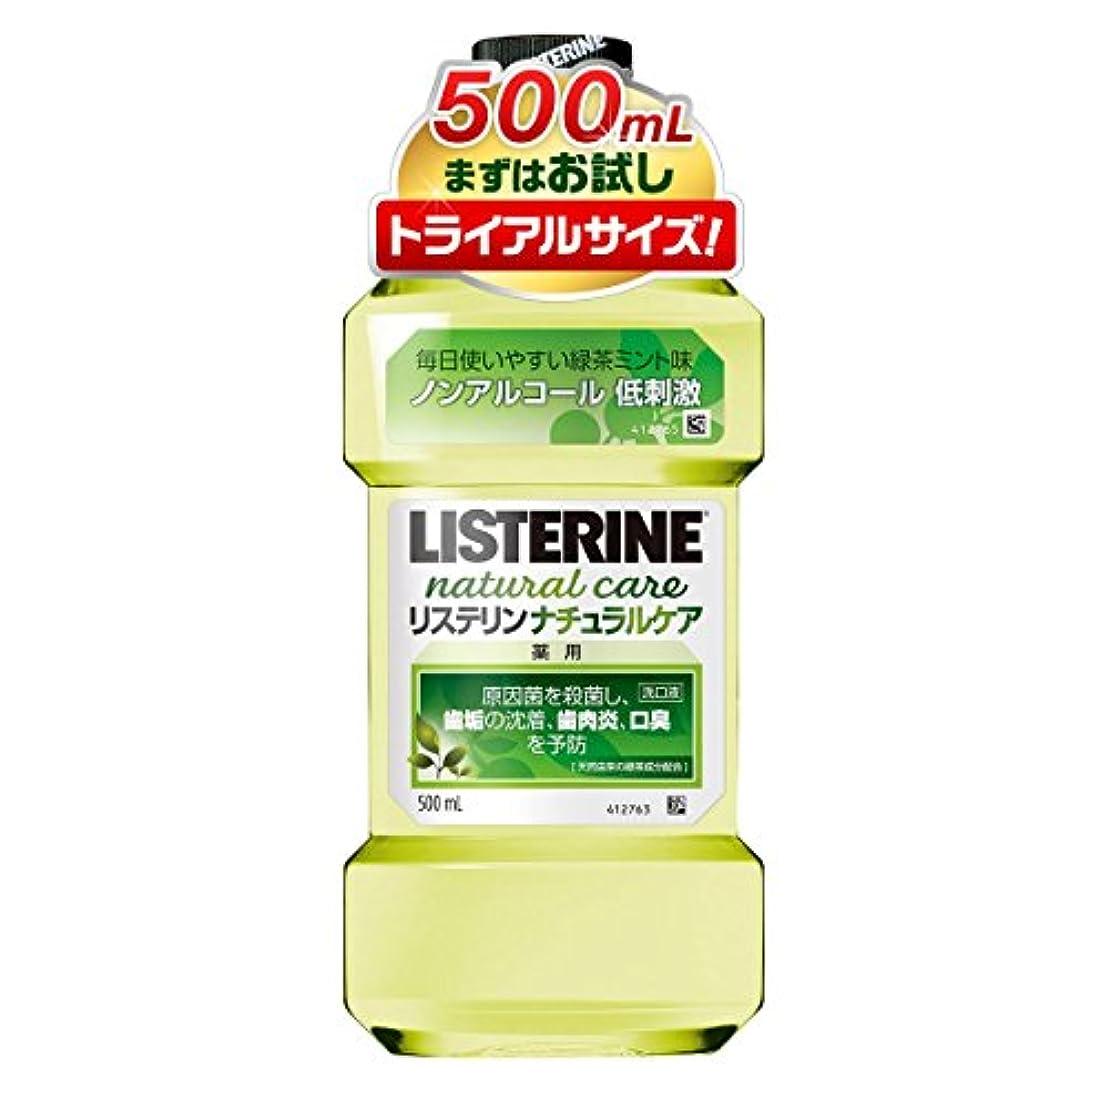 請求可能アルファベット順放置[医薬部外品] 薬用 リステリン マウスウォッシュ ナチュラルケア 500mL ノンアルコールタイプ